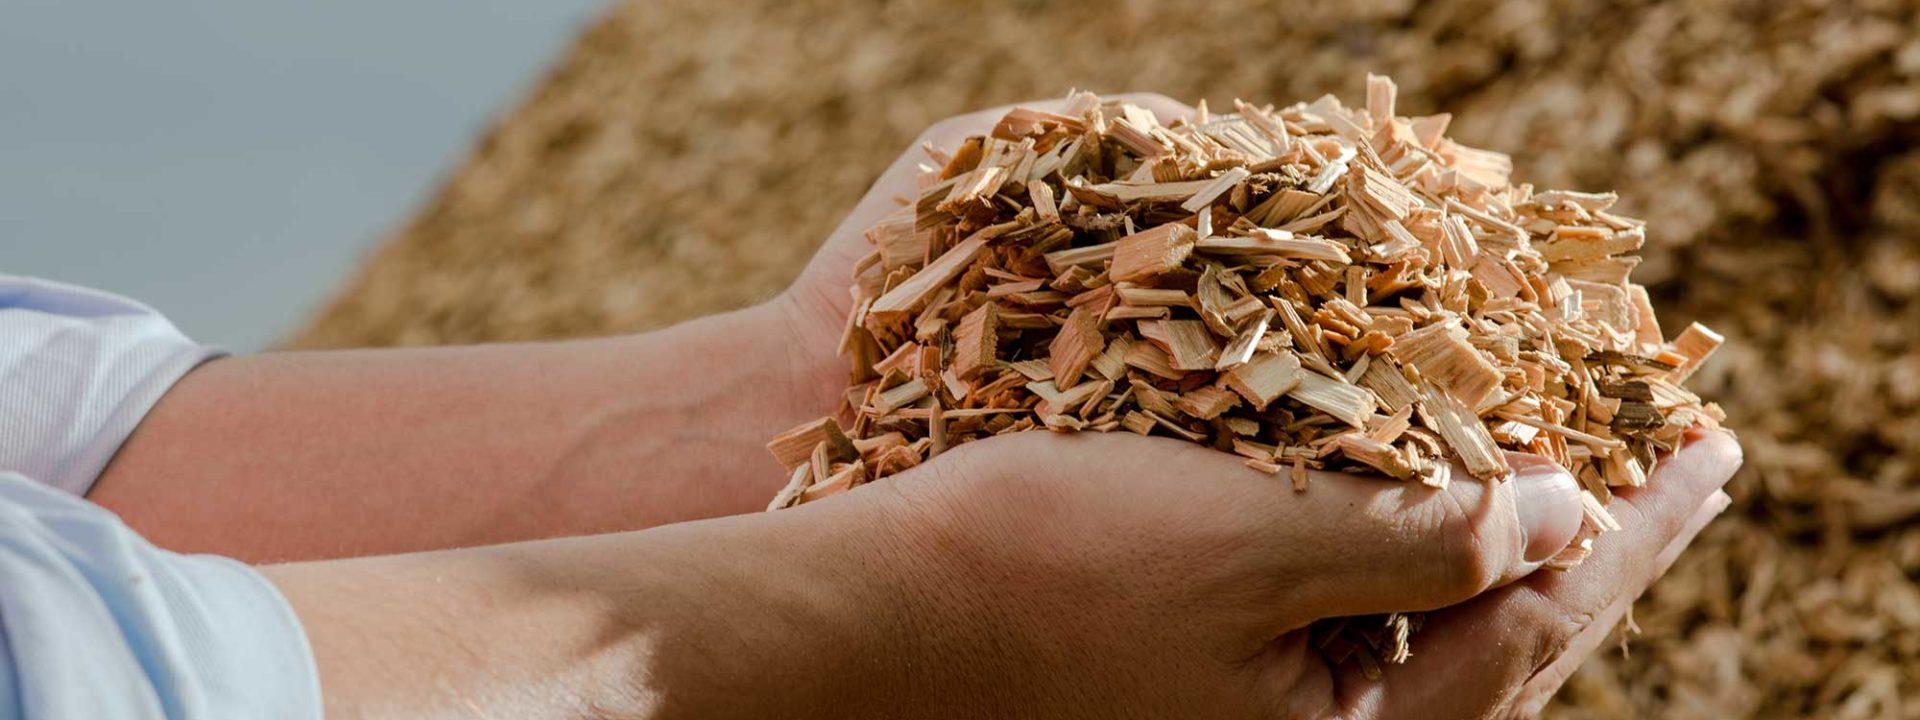 Handen met biomassa